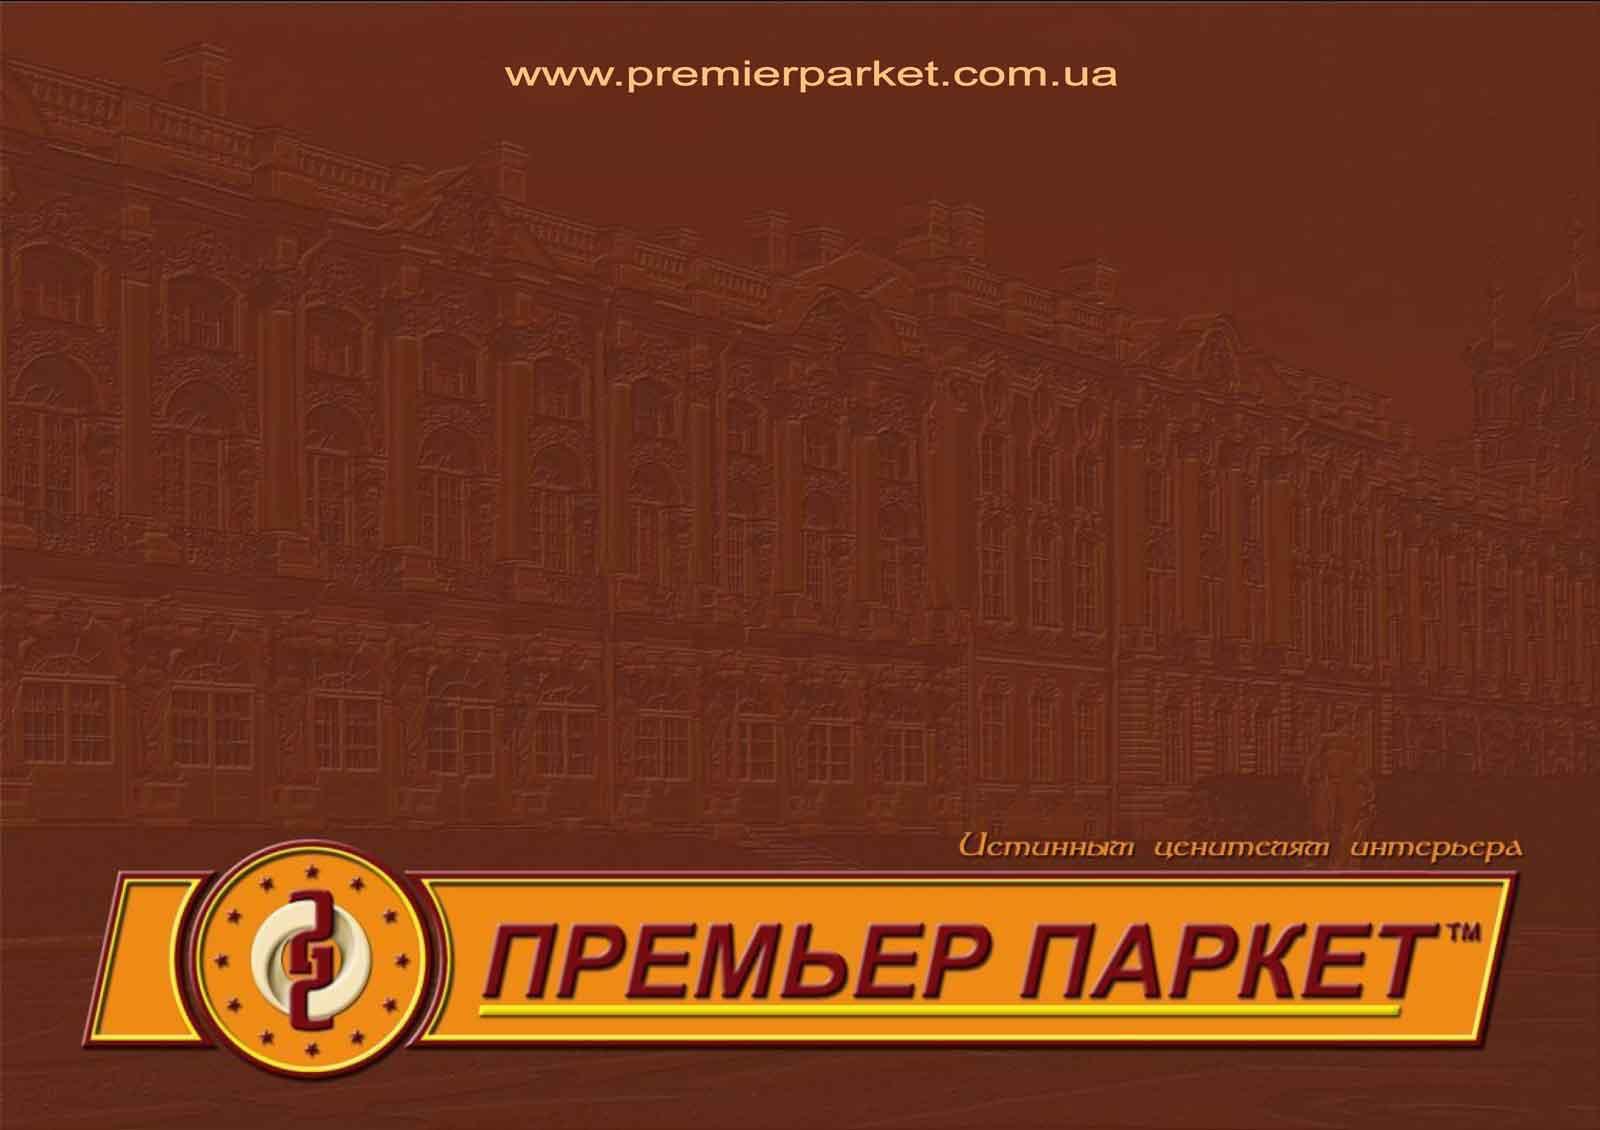 premierparket_1-(2)_каталог-11